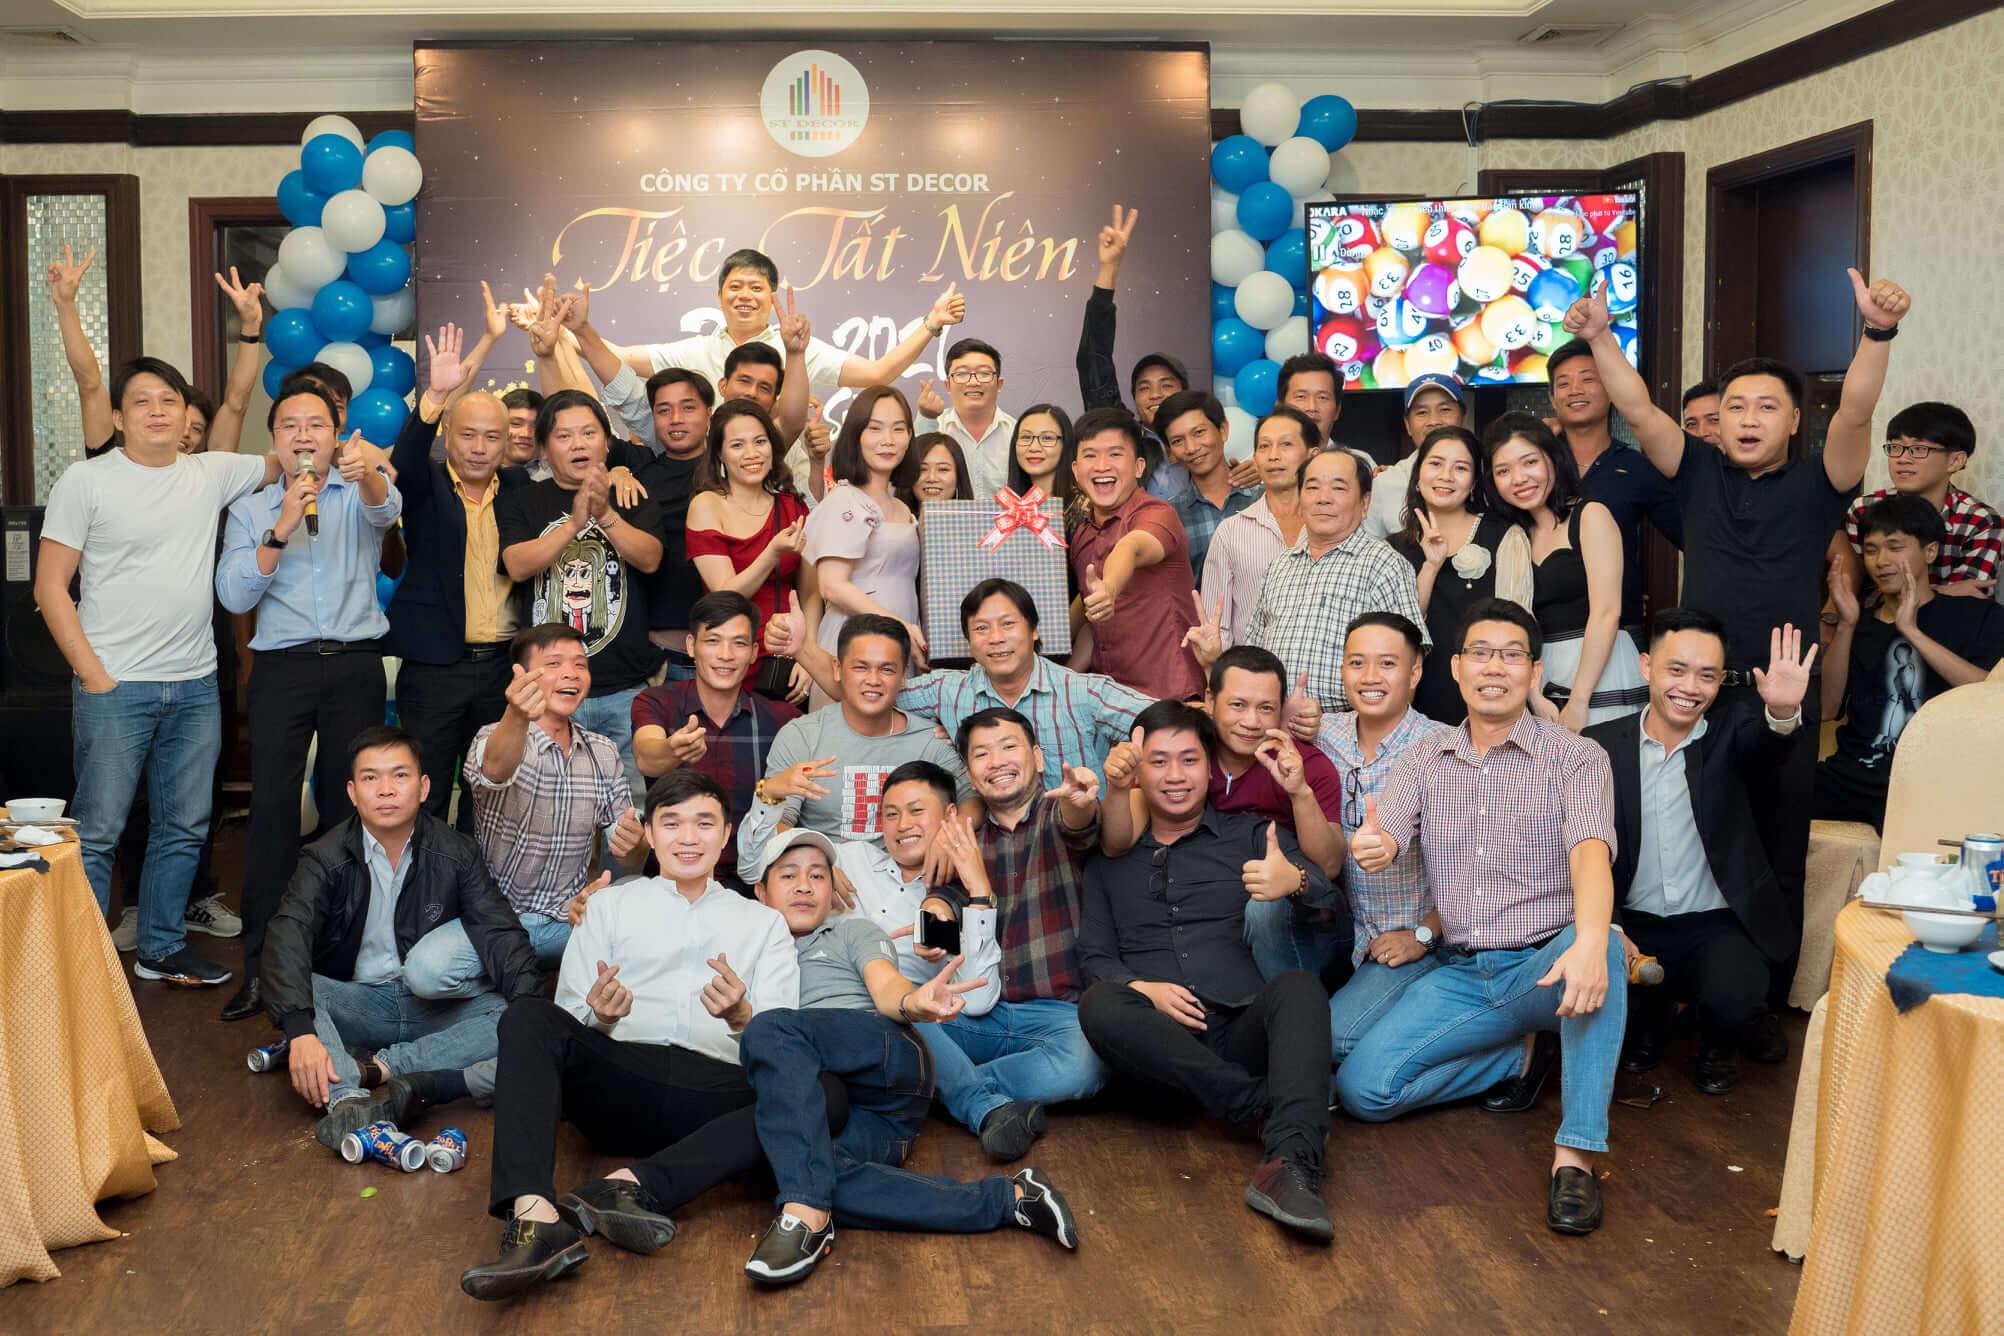 ST Decor đơn vị tiên phong về xây nhà trọn gói uy tín tại Việt Nam  - Ảnh 2